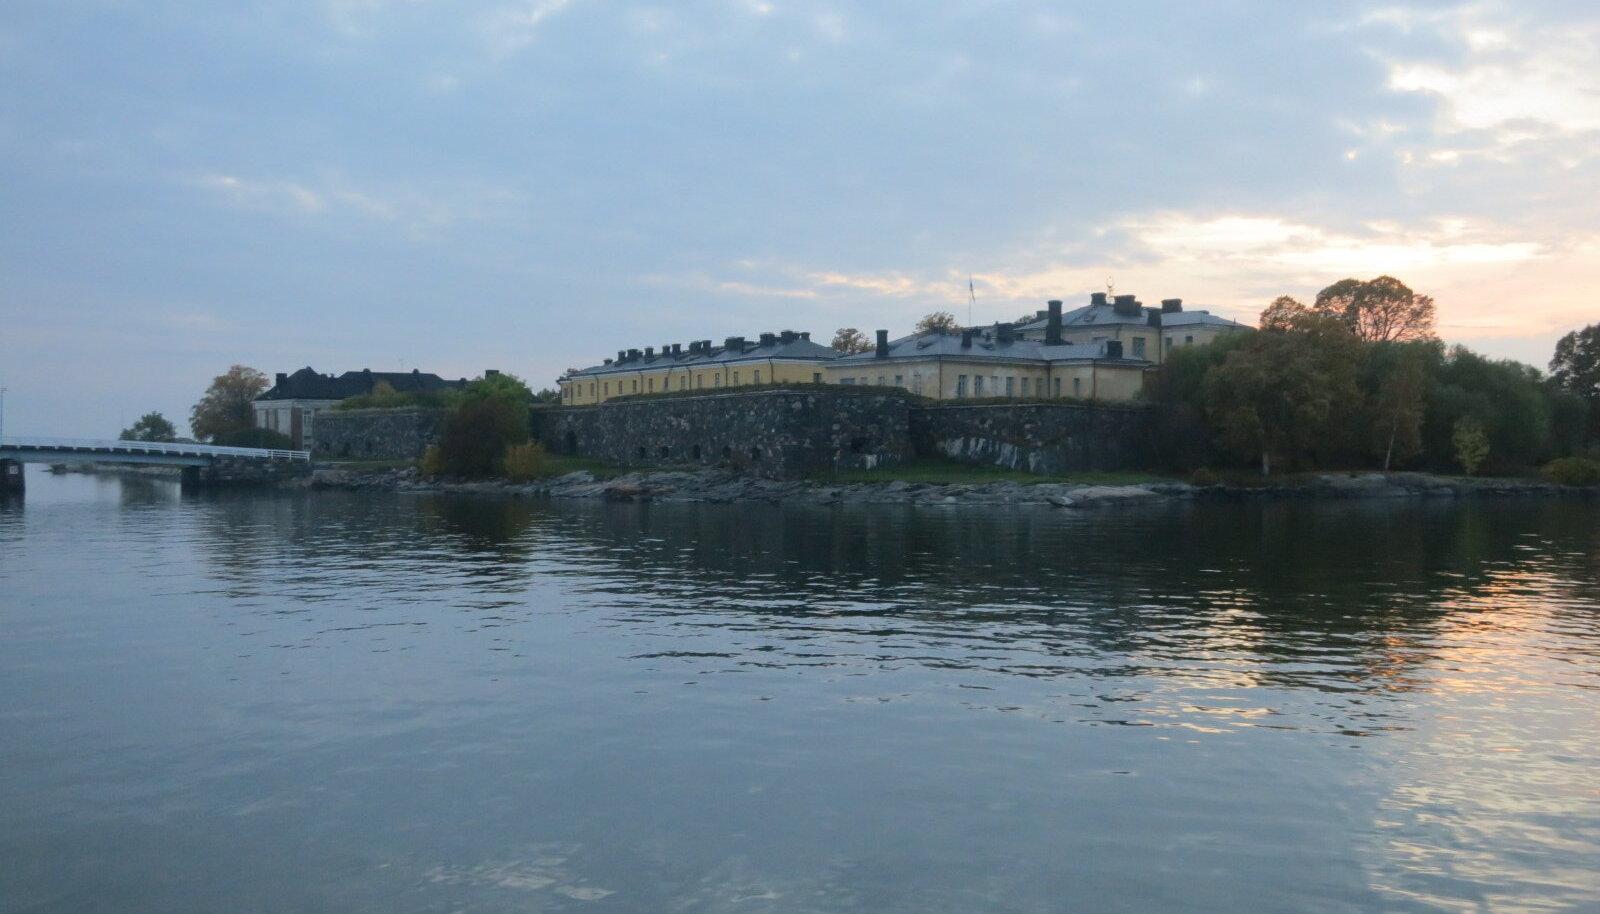 Suomenlinna merekindlus rajati algselt kuuele saarele, mis omavahel ühendati. Hiljem lisandusid kaitserajatised veel kahele väiksemale saarele